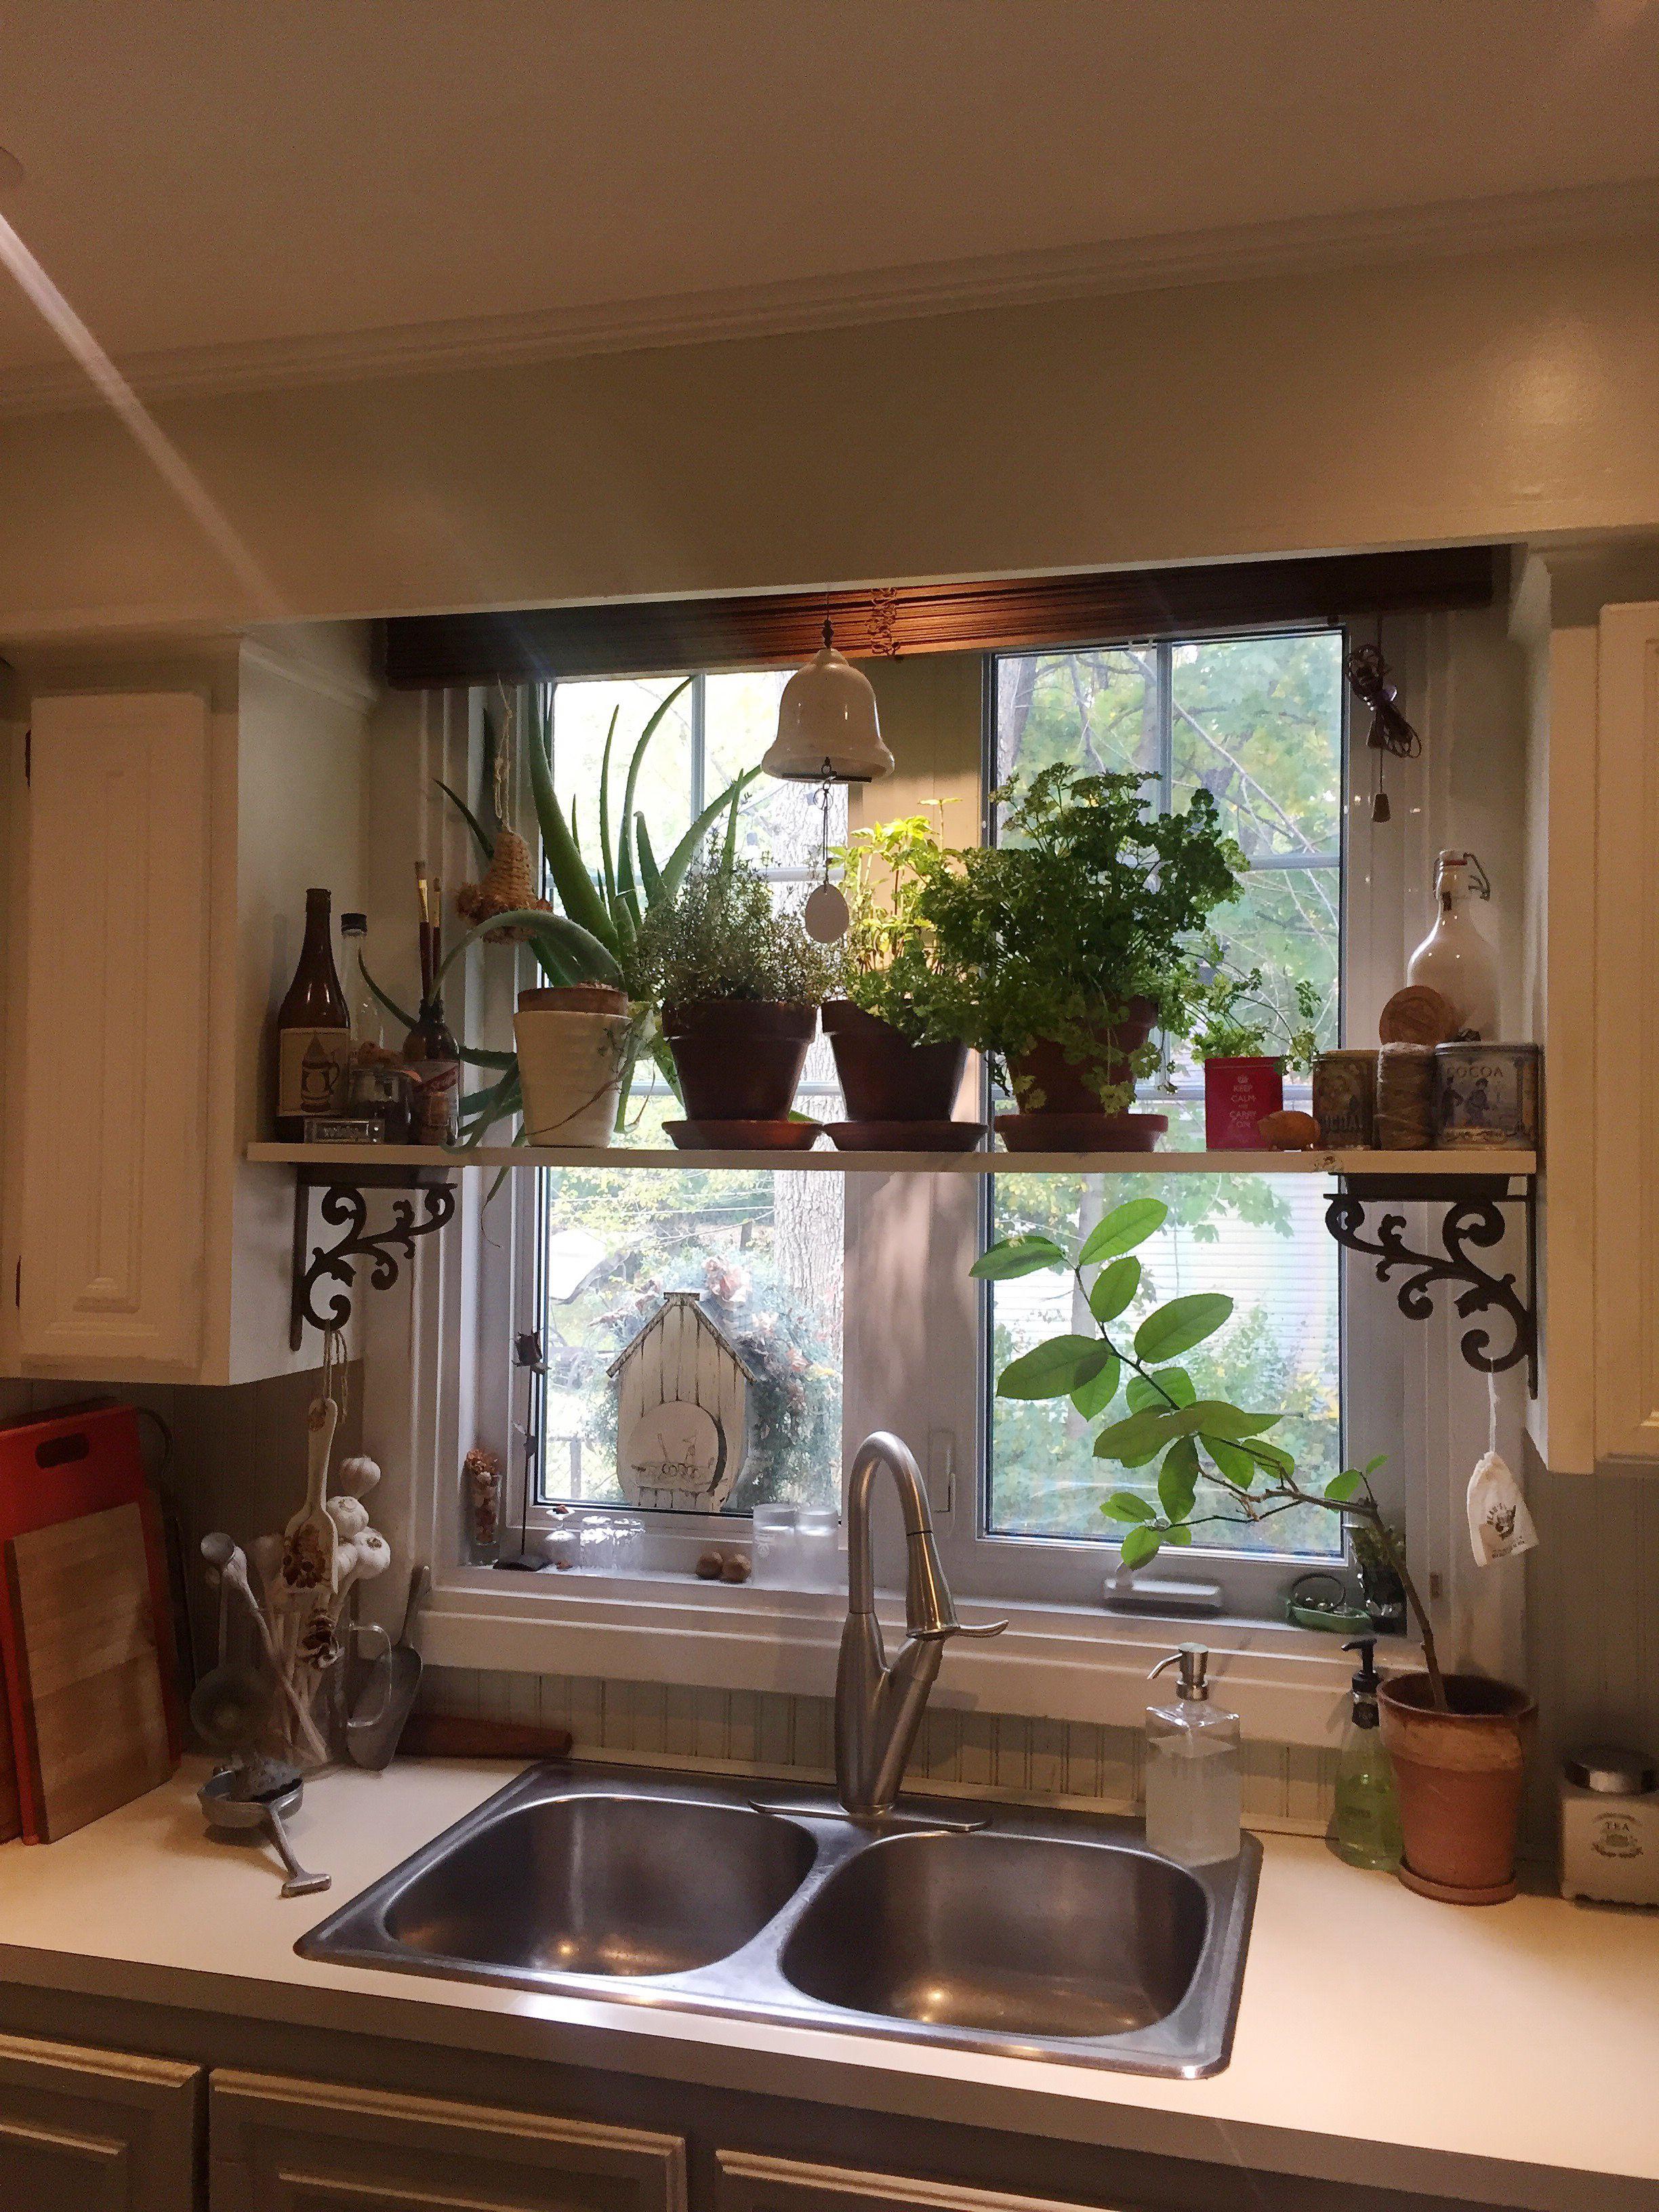 herb shelf above the kitchen sink